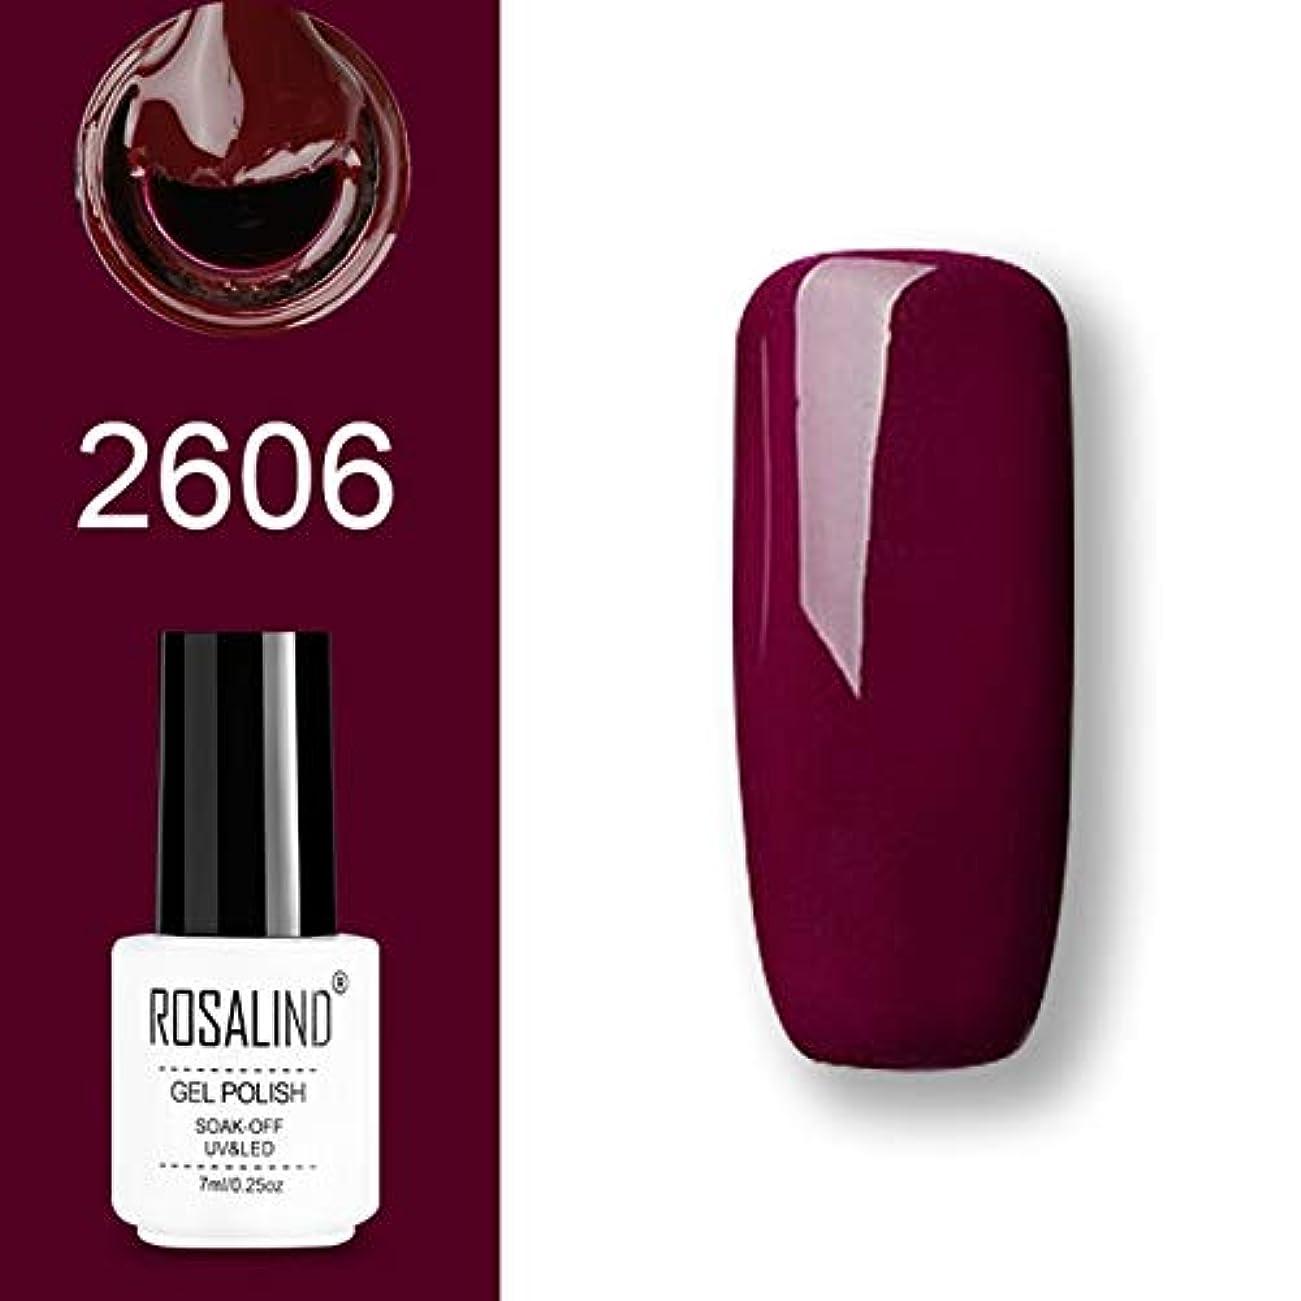 ファッションアイテム ROSALINDジェルポリッシュセットUVセミパーマネントプライマートップコートポリジェルニスネイルアートマニキュアジェル、容量:7ml 2606。 環境に優しいマニキュア